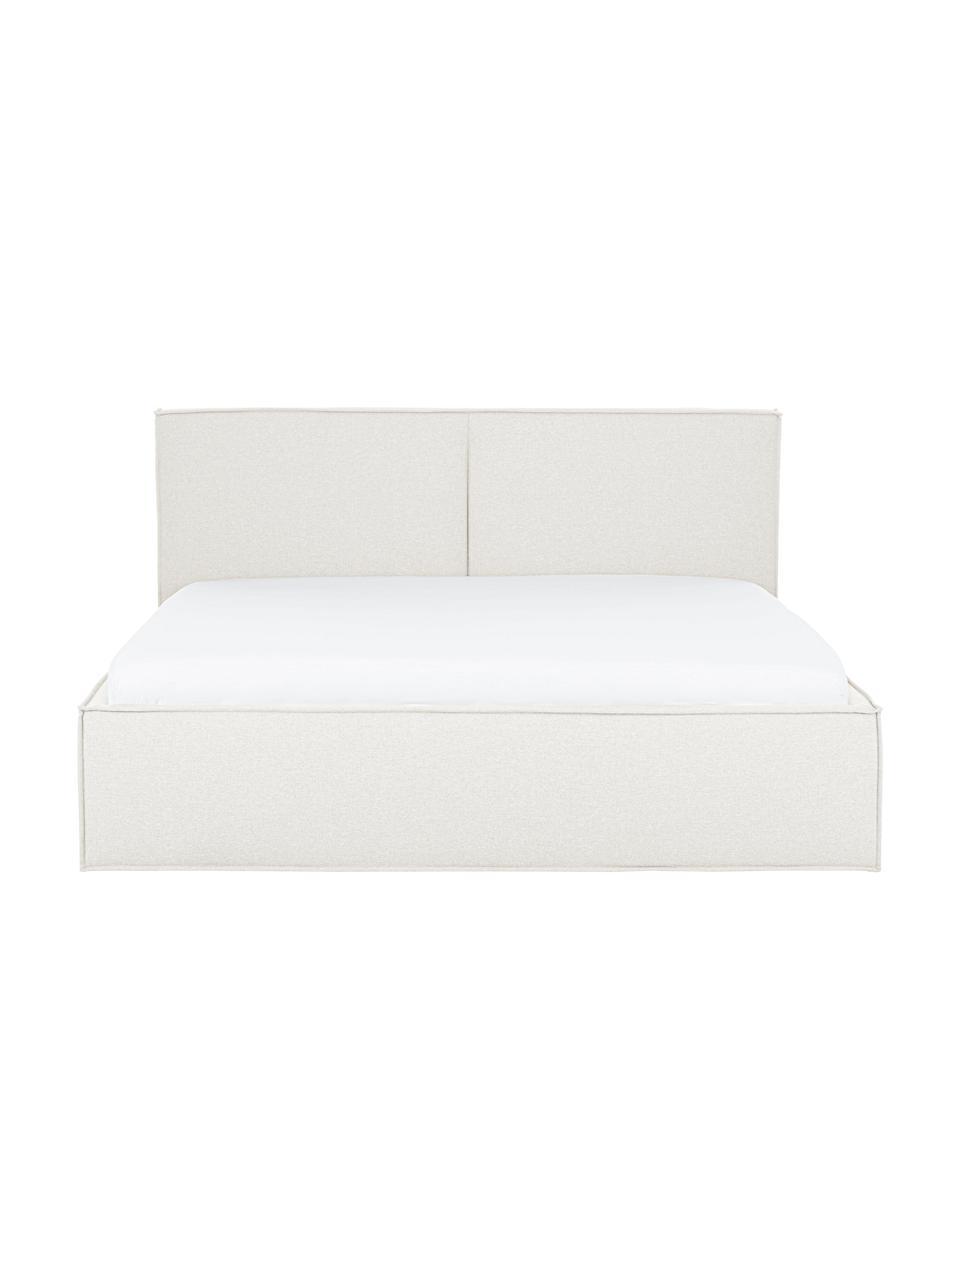 Letto imbottito in tessuto bianco crema con contenitore Dream, Rivestimento: 100% poliestere (tessuto , Tessuto beige, 180 x 200 cm